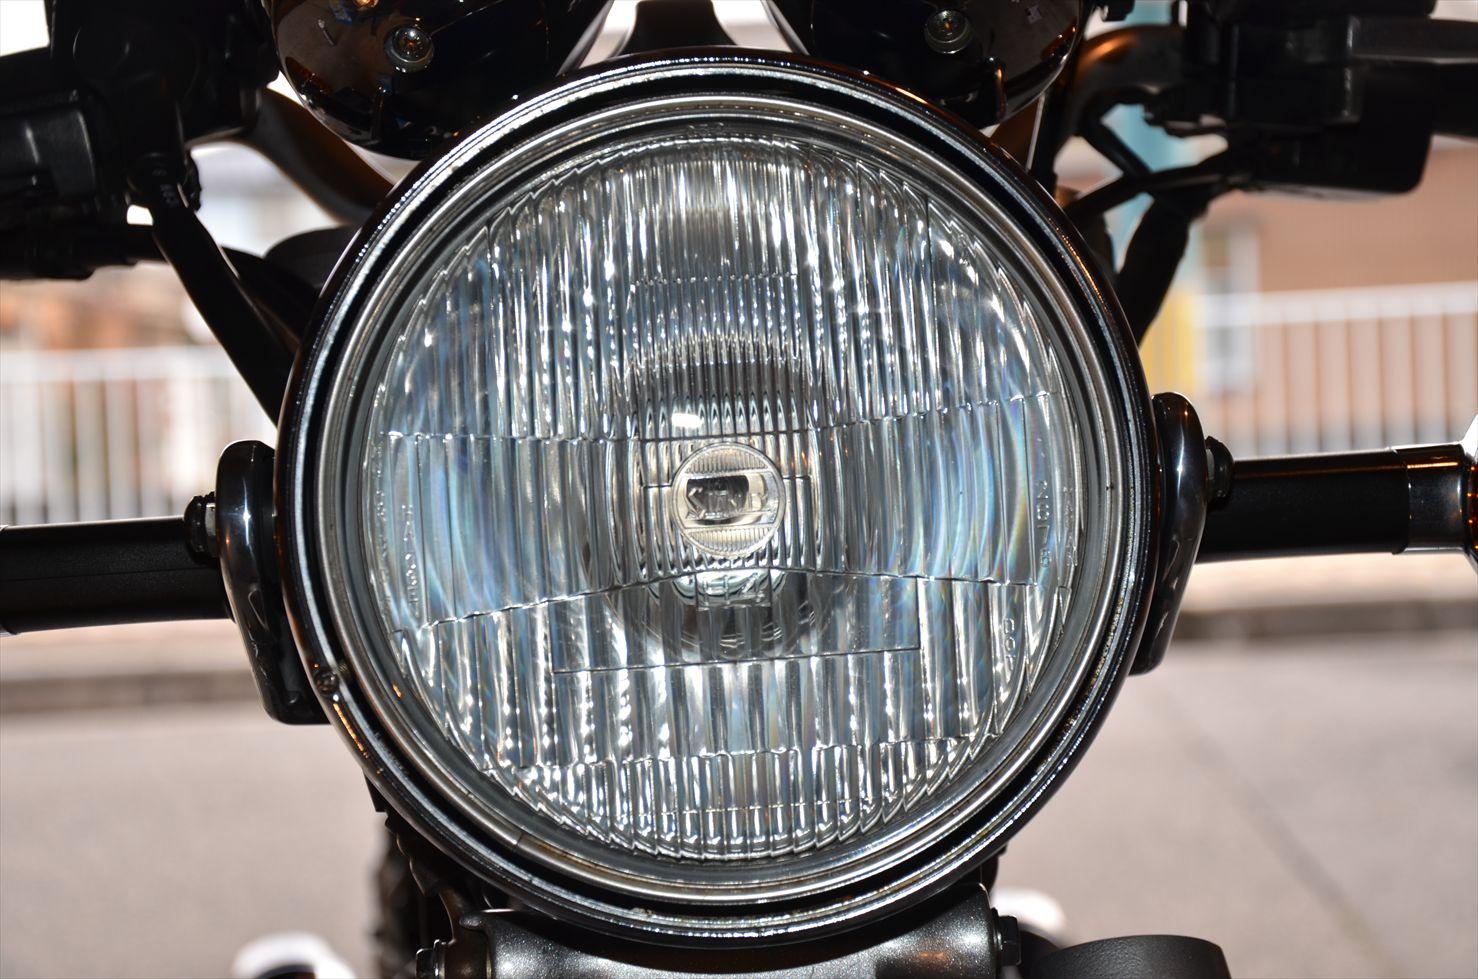 バイクのヘッドライトをグレードアップ!おすすめバイク用バルブ6選のサムネイル画像